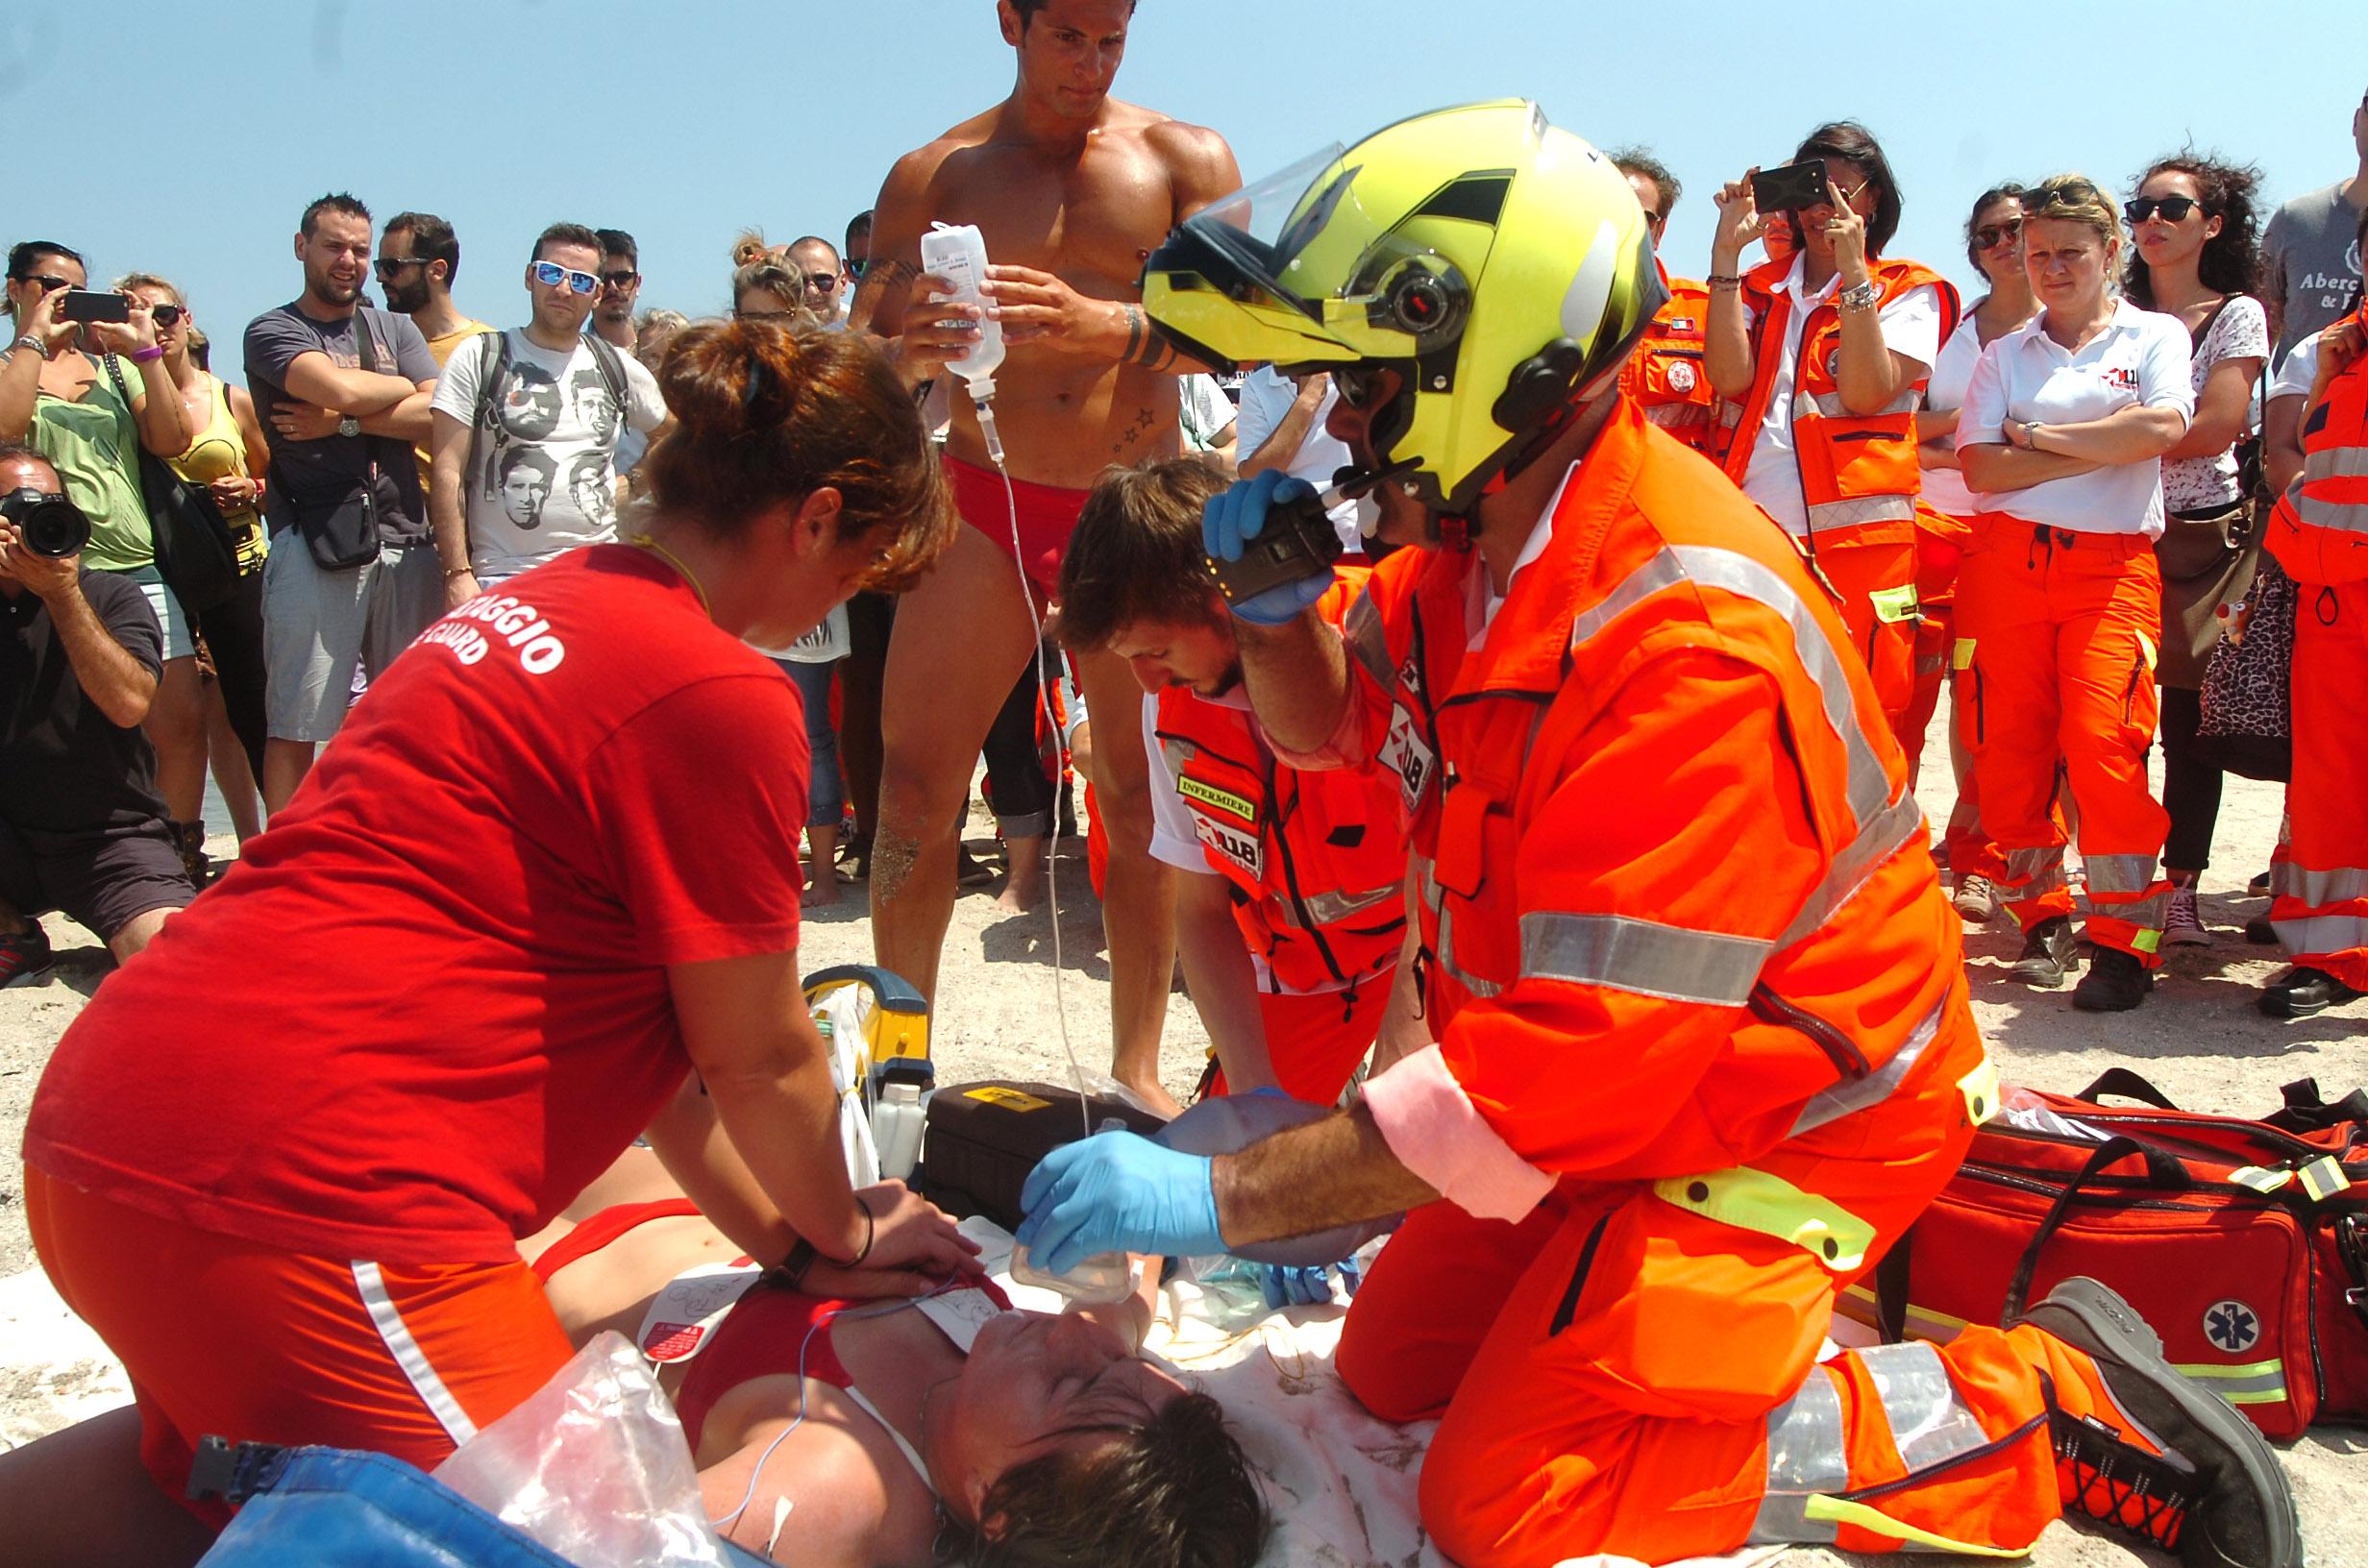 118, la Regione Emilia Romagna dice si agli infermieri di emergenza-urgenza con funzioni avanzate. Di cosa si tratta?